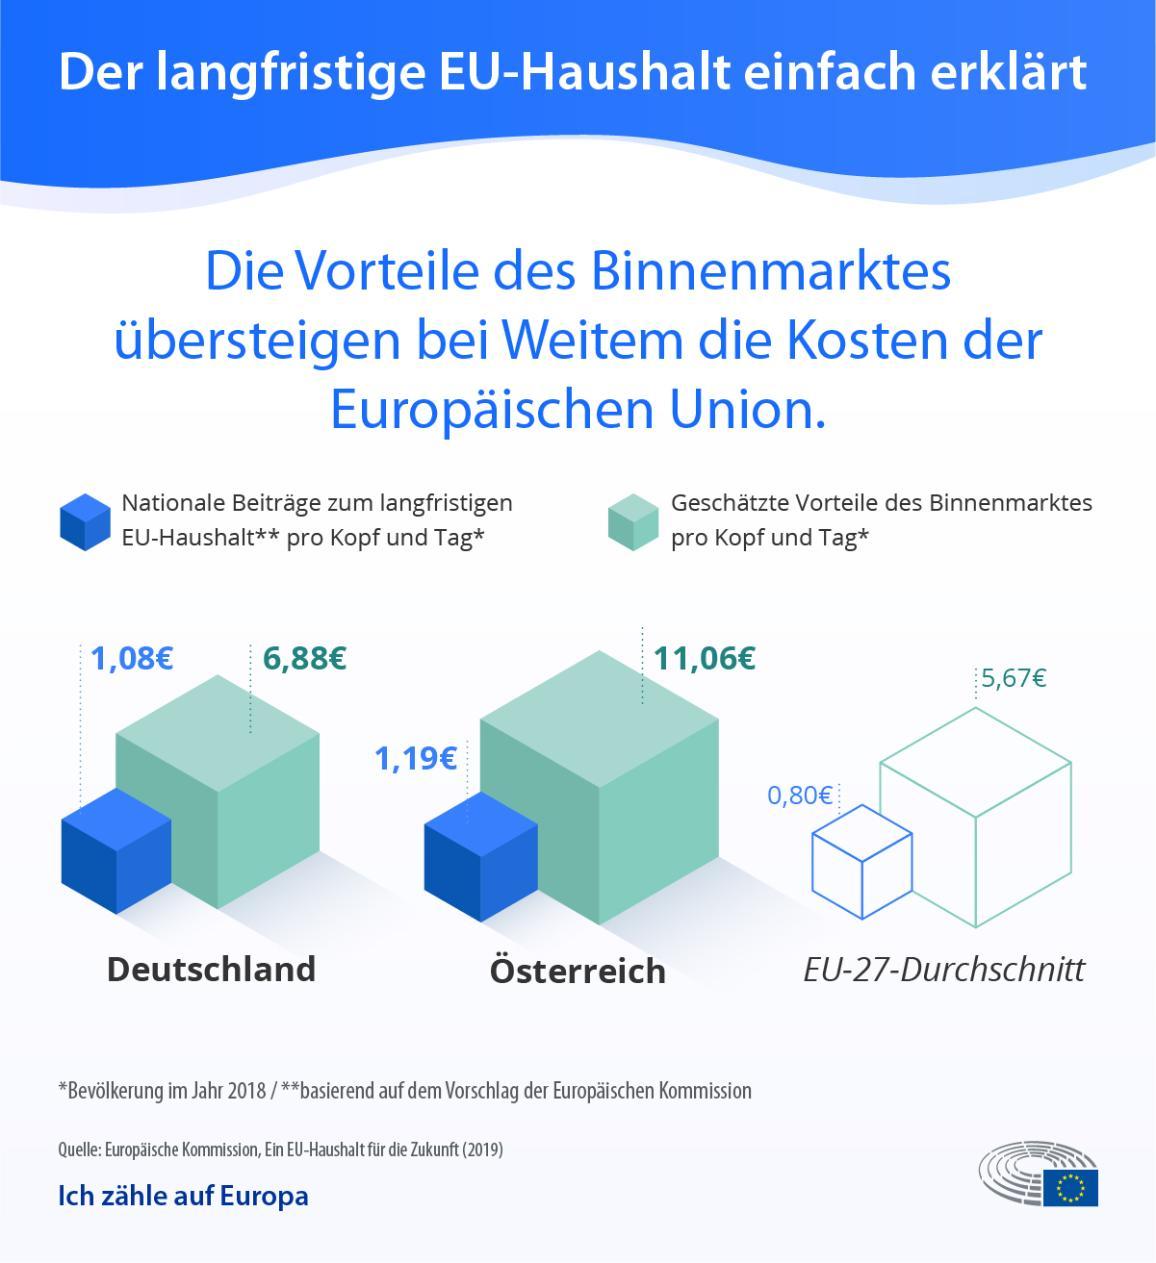 Die Infografik zum langfristigen EU-Haushalt zeigt, dass die Vorteile des Binnenmarktes die Kosten der Beiträge zur EU übersteigen